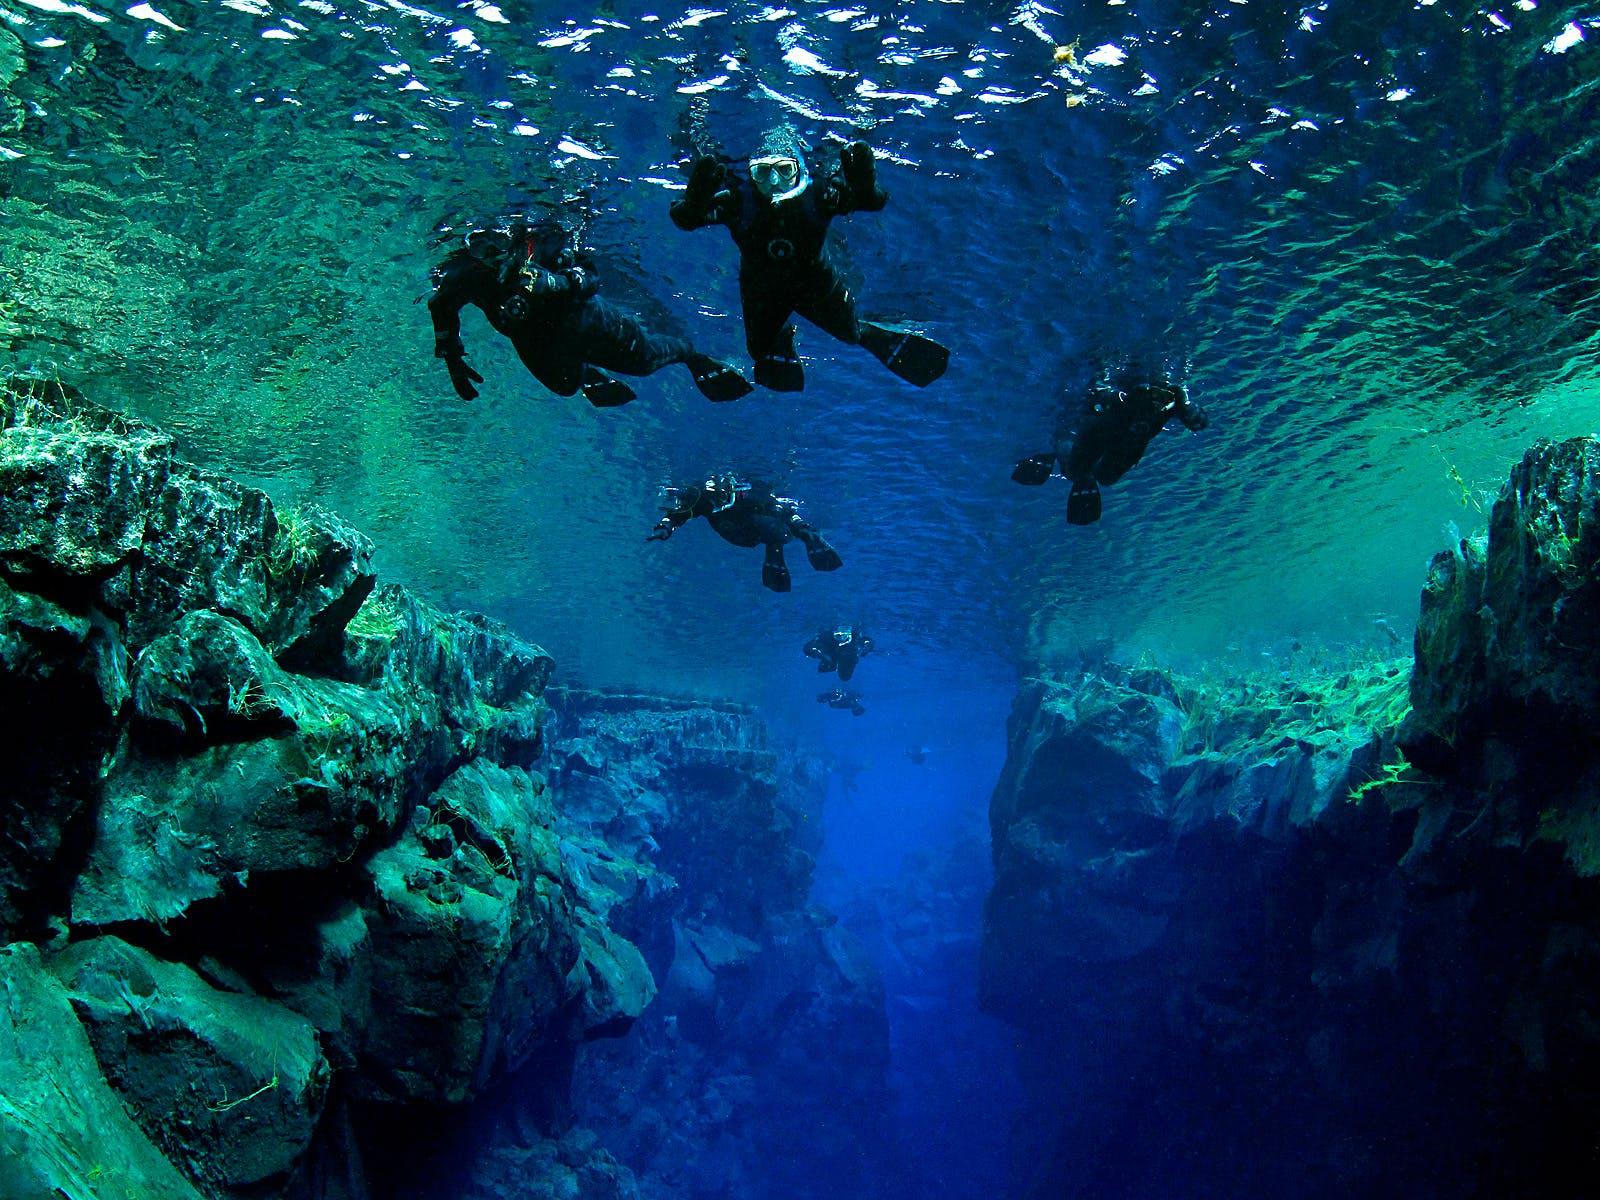 Plongée en apnée à travers deux continents au Ravin de Silfra au Parc National de Thingvellir.